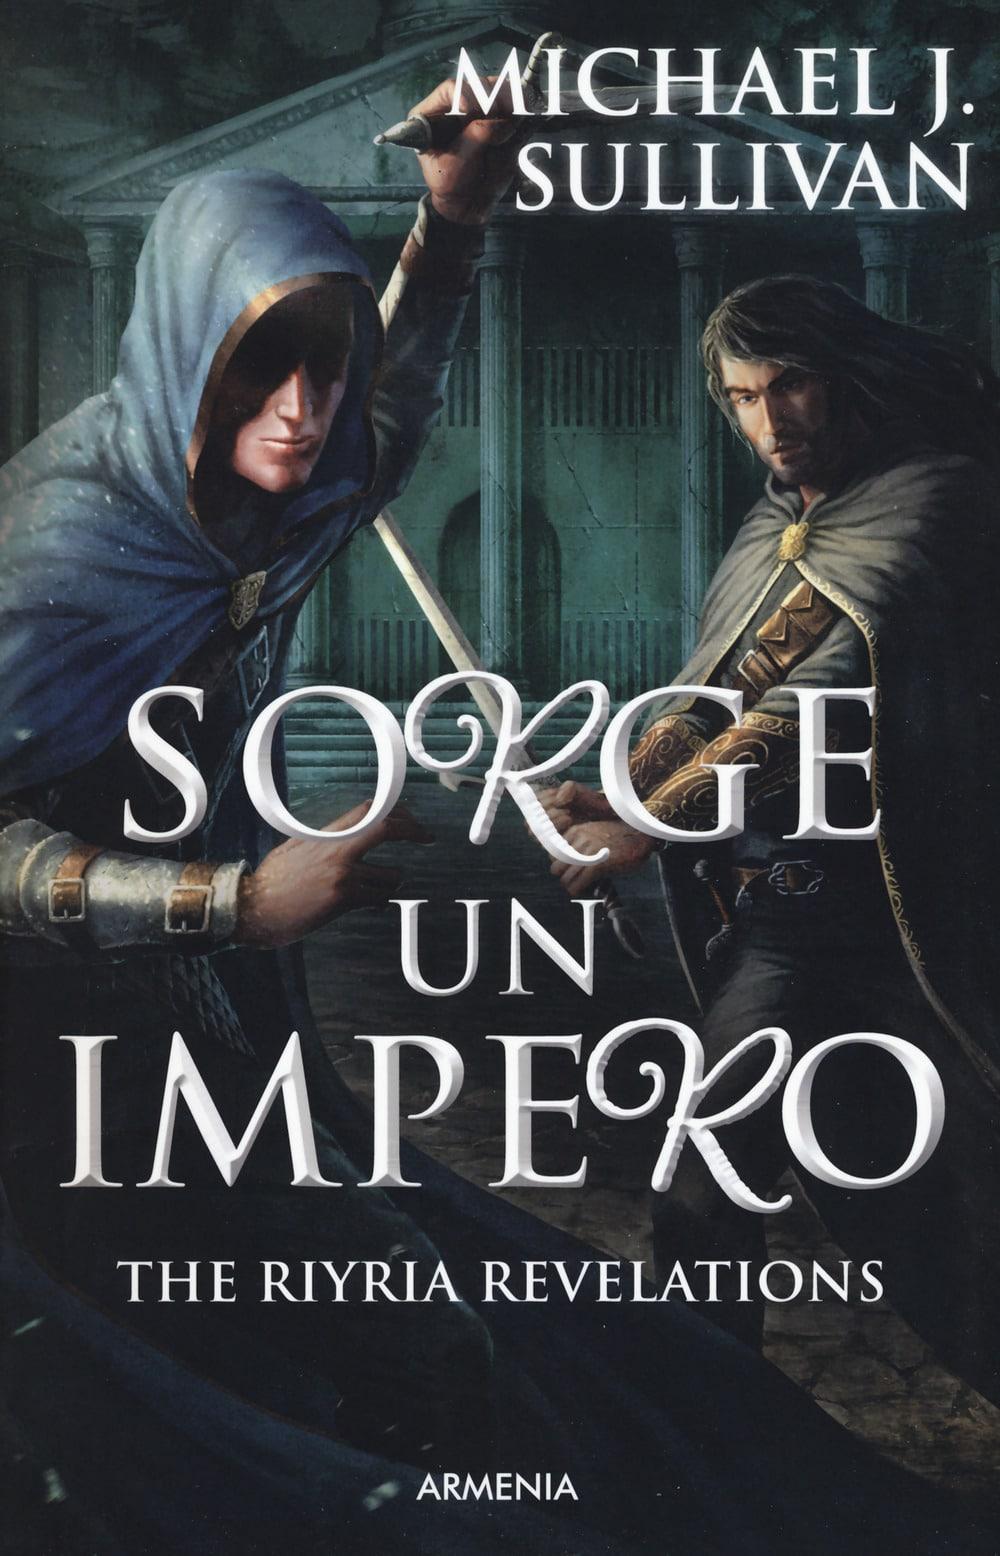 Copertina italiana di Sorge un Impero di Michael J. Sullivan